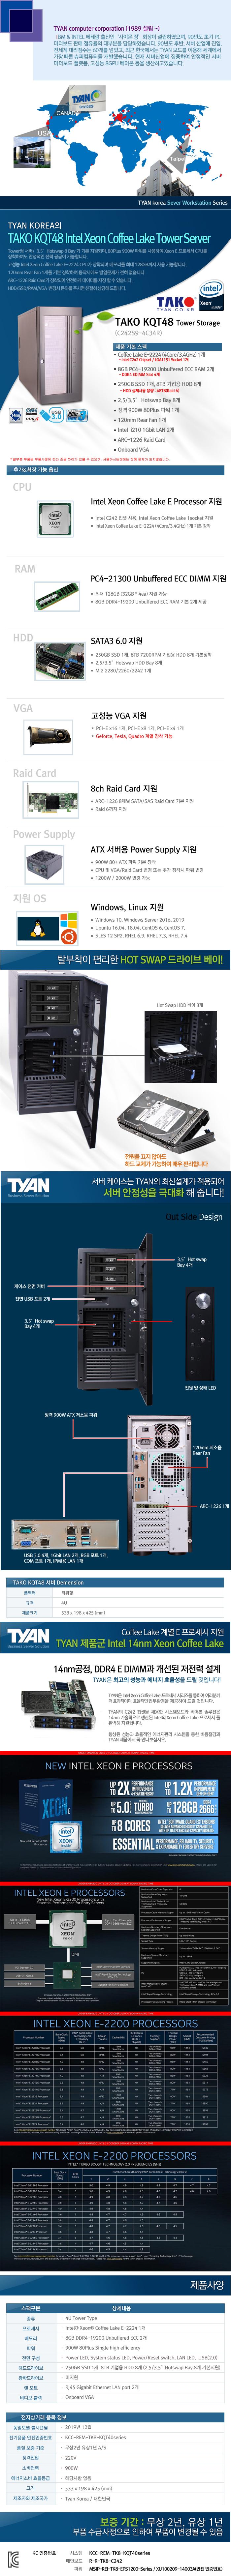 TYAN TAKO-KQT48-(C242S9-4C34R) (16GB, SSD 250GB + 48TB)